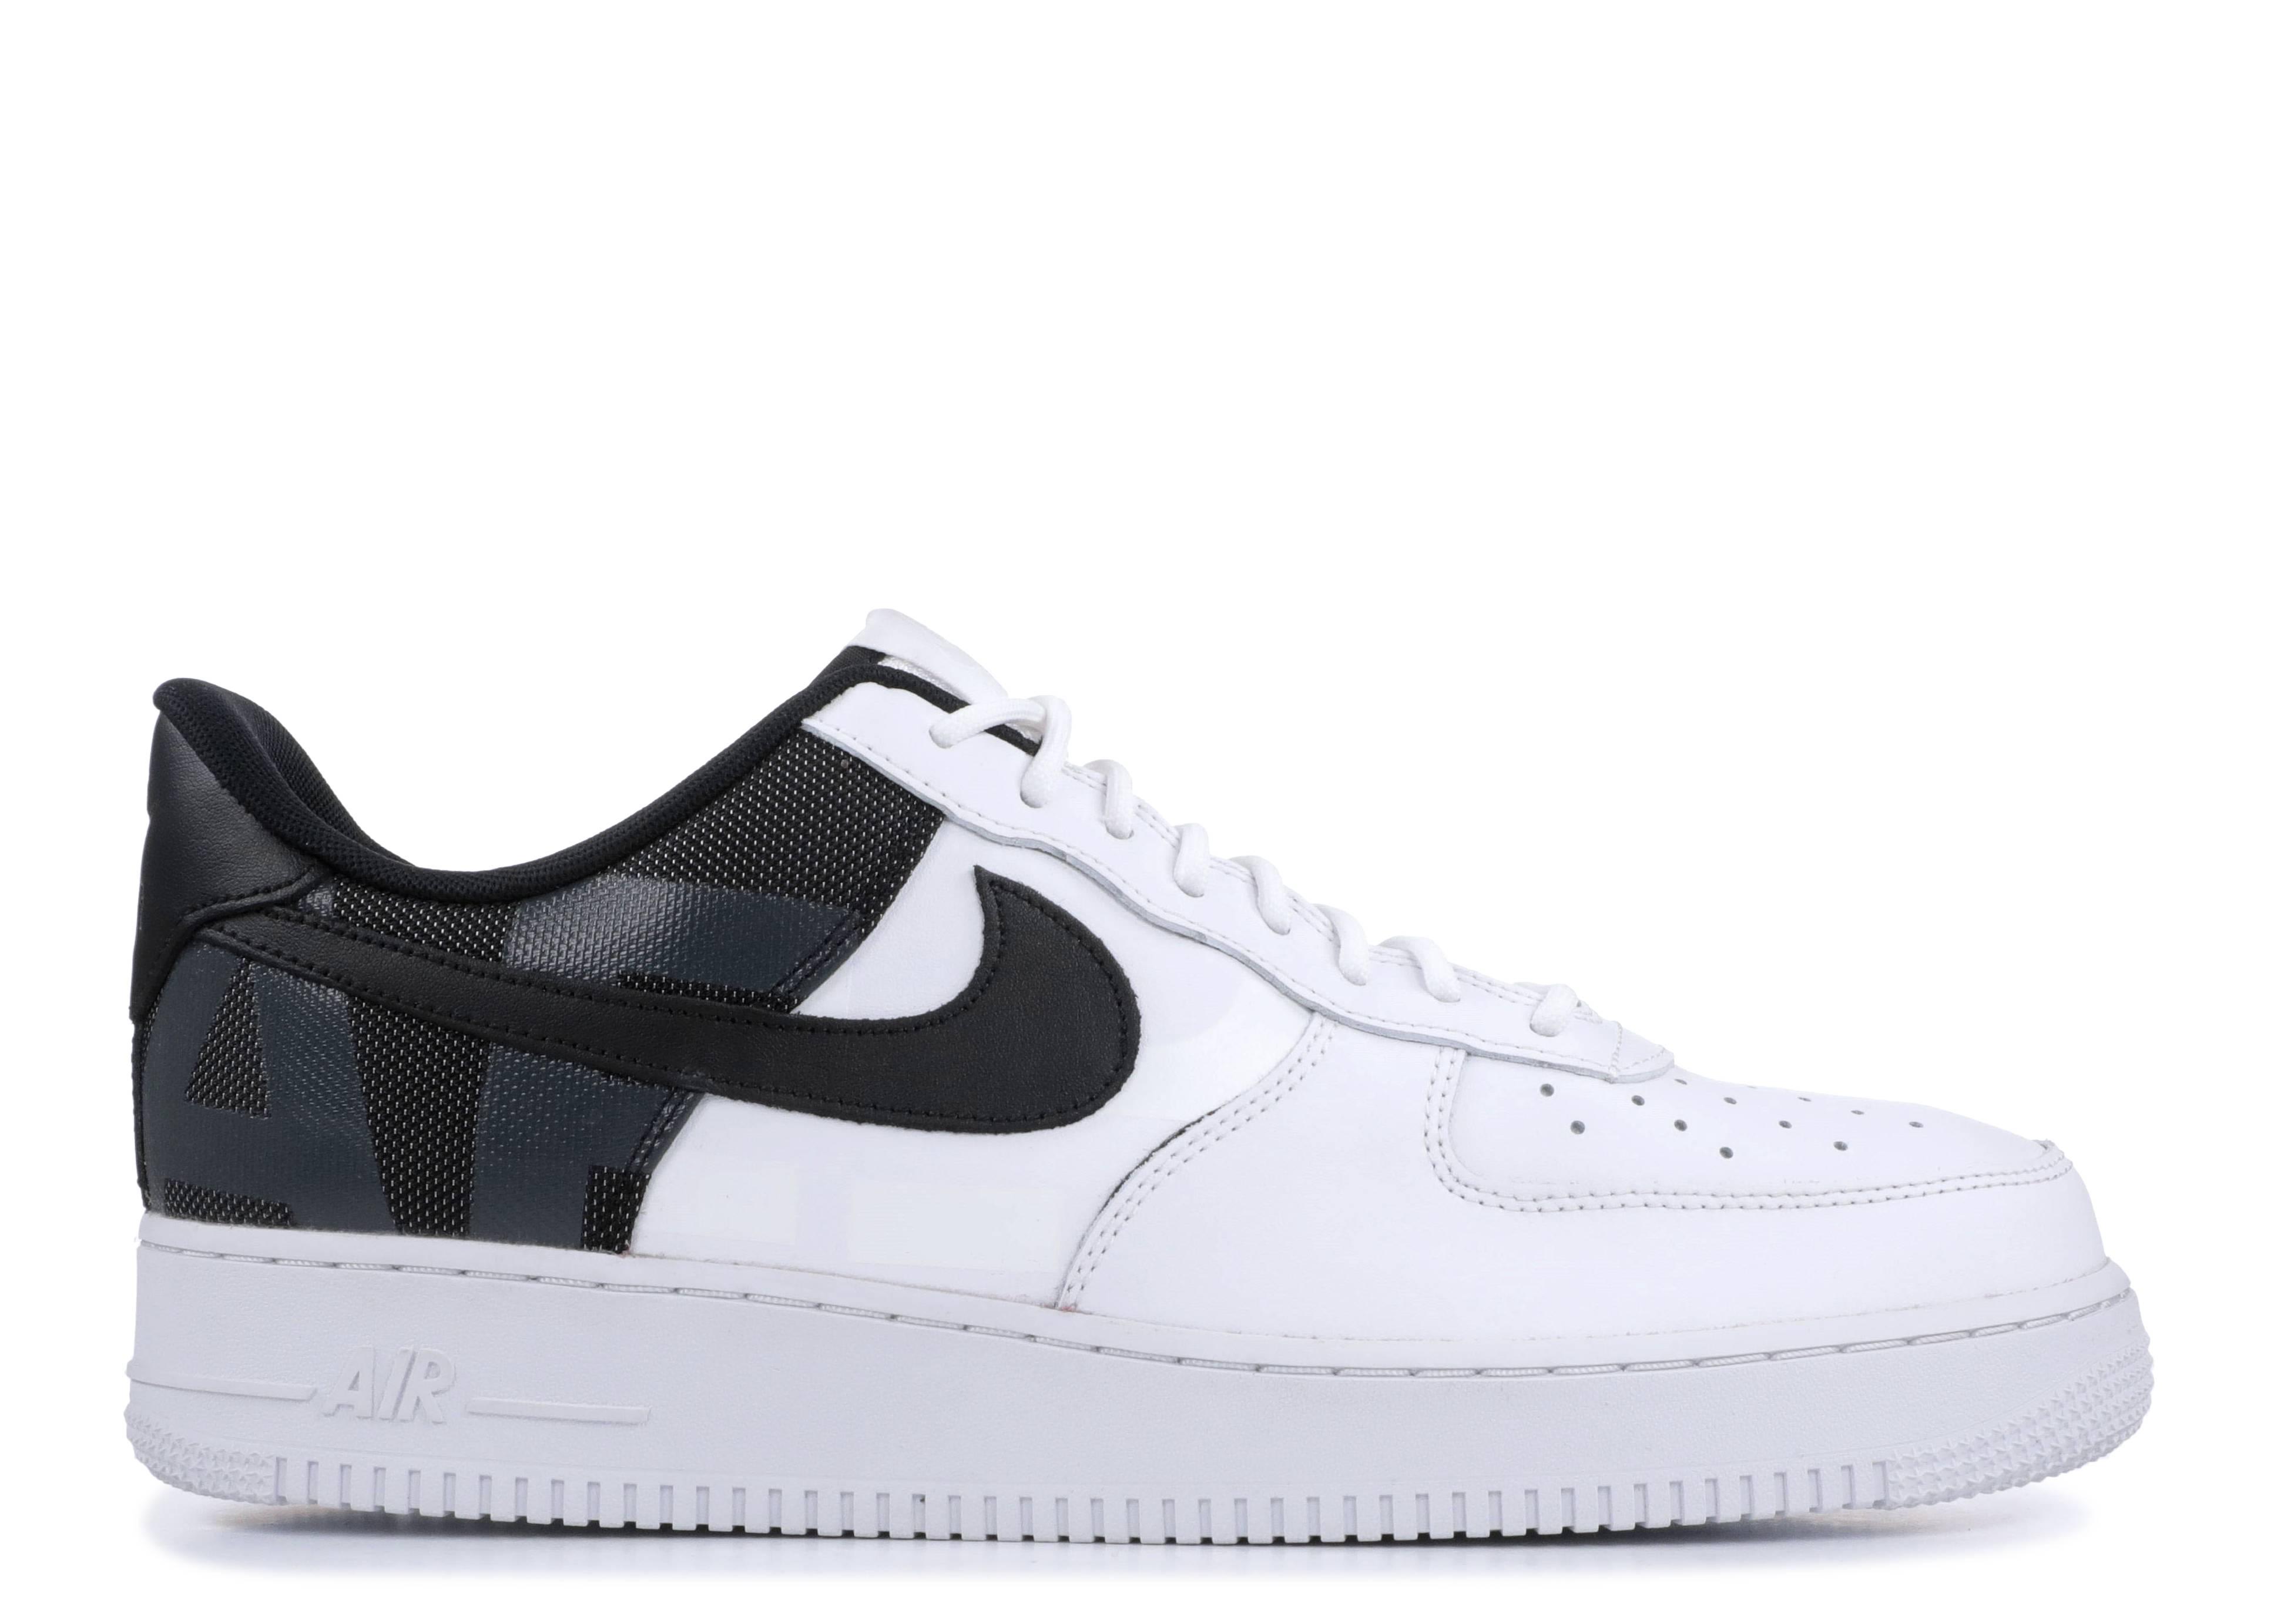 Nike Air Force One '07 Lv8 Utility Jdi White Black AV8363 100 Best